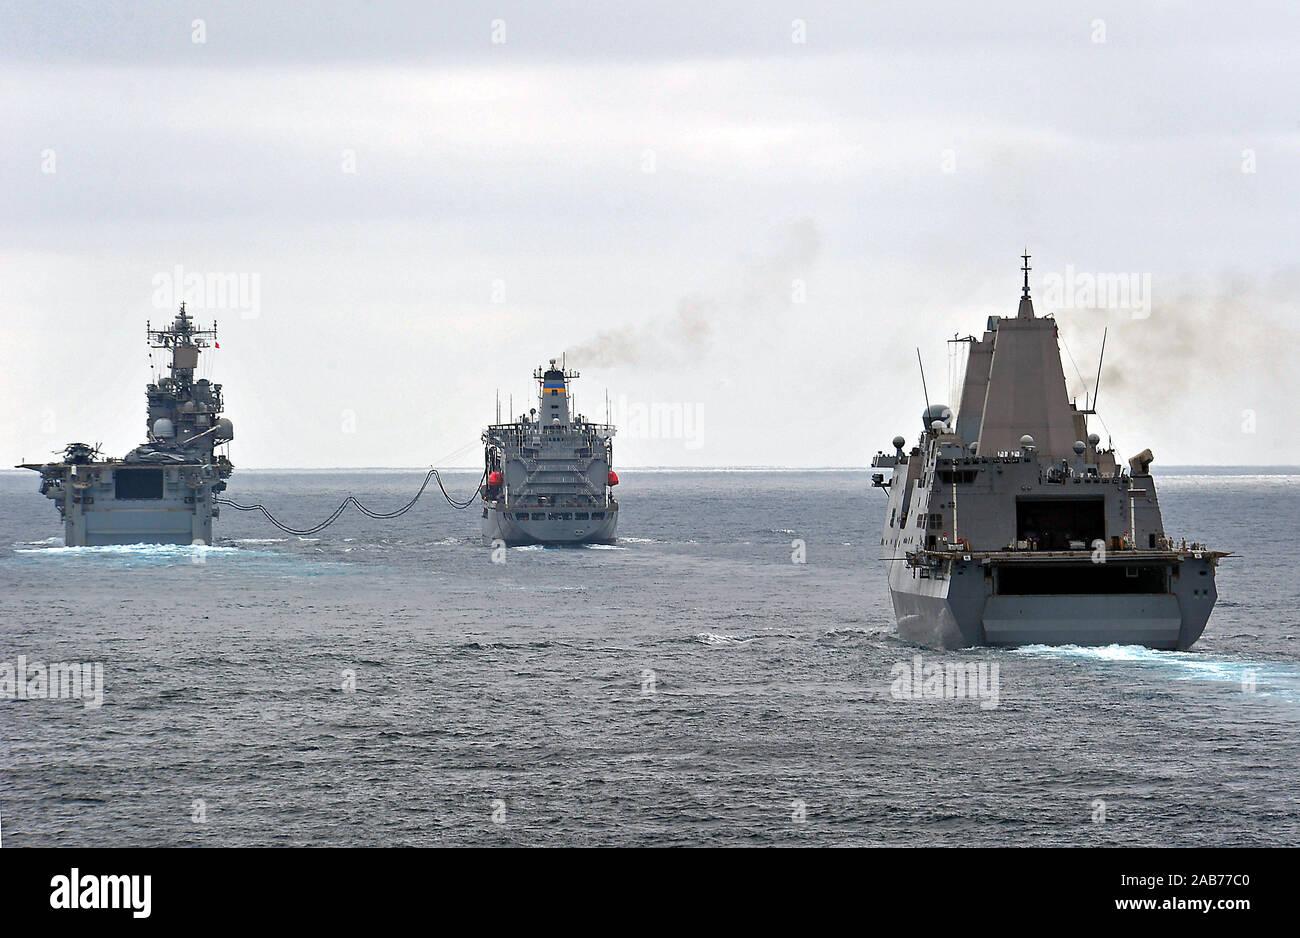 Océano Pacífico (Ago. 23, 2012) El muelle de transporte anfibio buque USS Green Bay (LPD 20) se prepara para recibir el combustible del Transporte Marítimo Militar comando lubricador de reposición de flota USNS Henry J. Kaiser (T-AO 187) como combustibles buque de asalto anfibio USS Peleliu (LHA 5). Green Bay es parte de Peleliu Amphibious Ready Group y está en marcha la realización de ejercicio de certificación con Peleliu y la base de aterrizaje anfibio buque USS Rushmore (LSD 47). Foto de stock